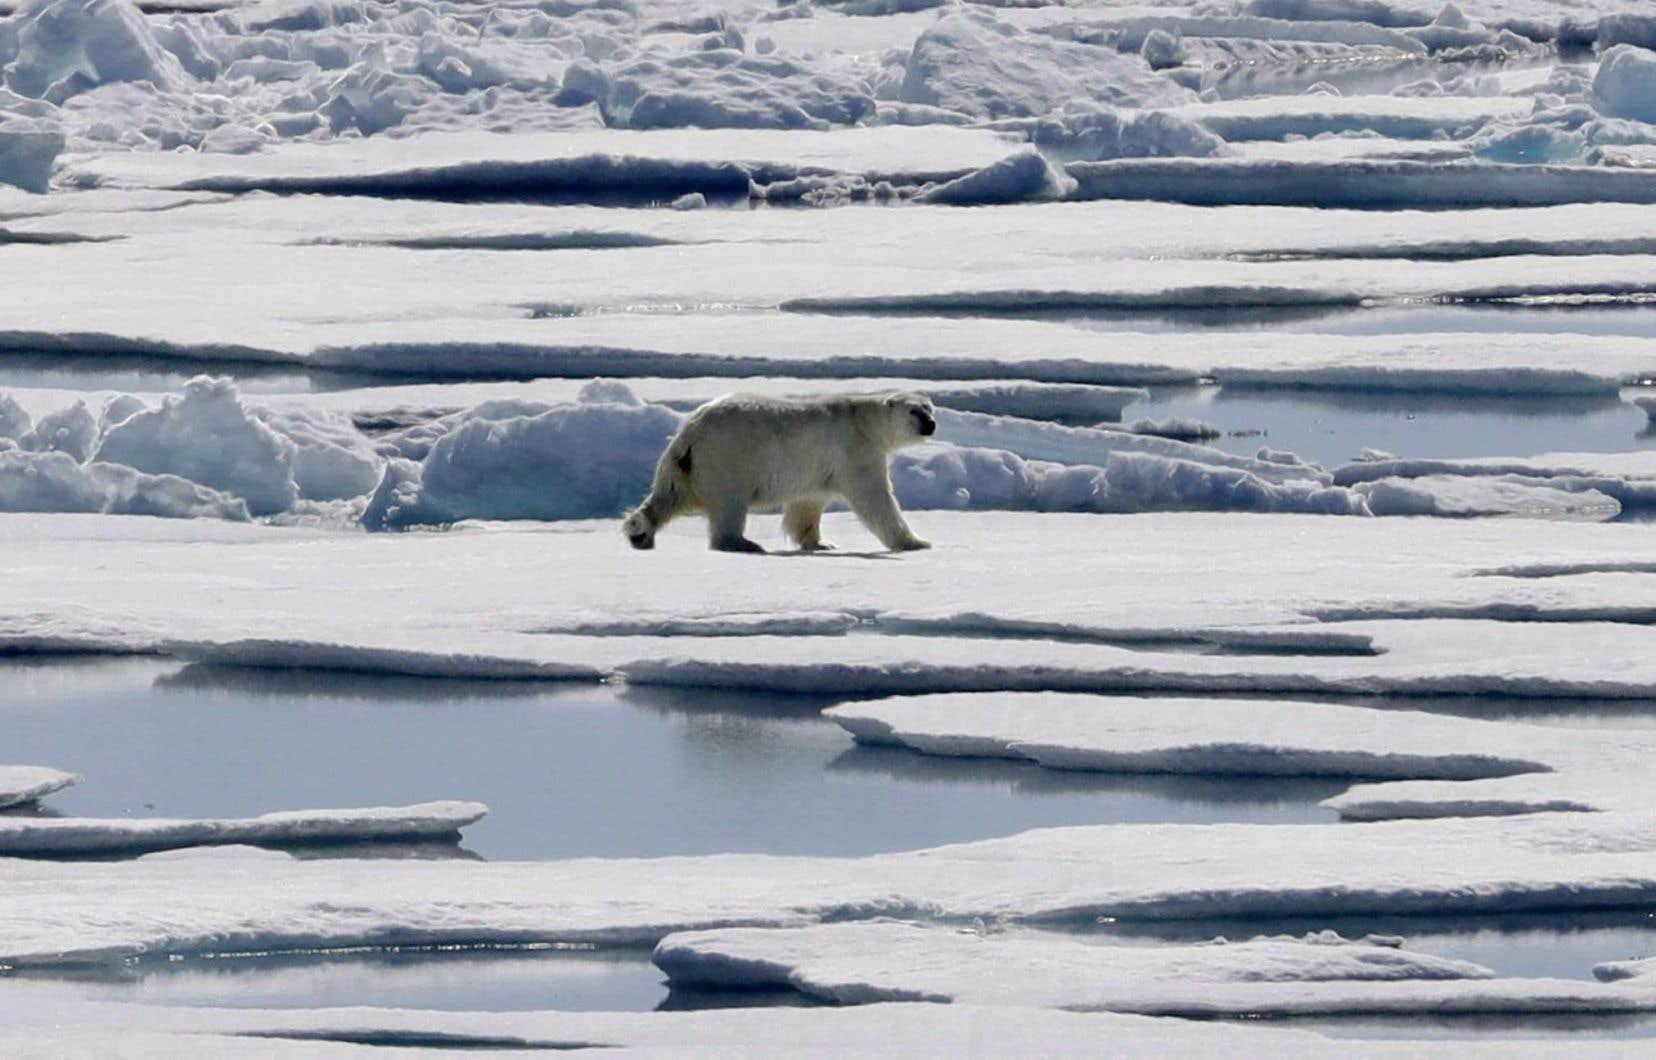 Ces eaux étaient anciennement gelées toute l'année, mais le réchauffement climatique continue de modifier l'Arctique et environ 40% de ce secteur était accessible l'an dernier.